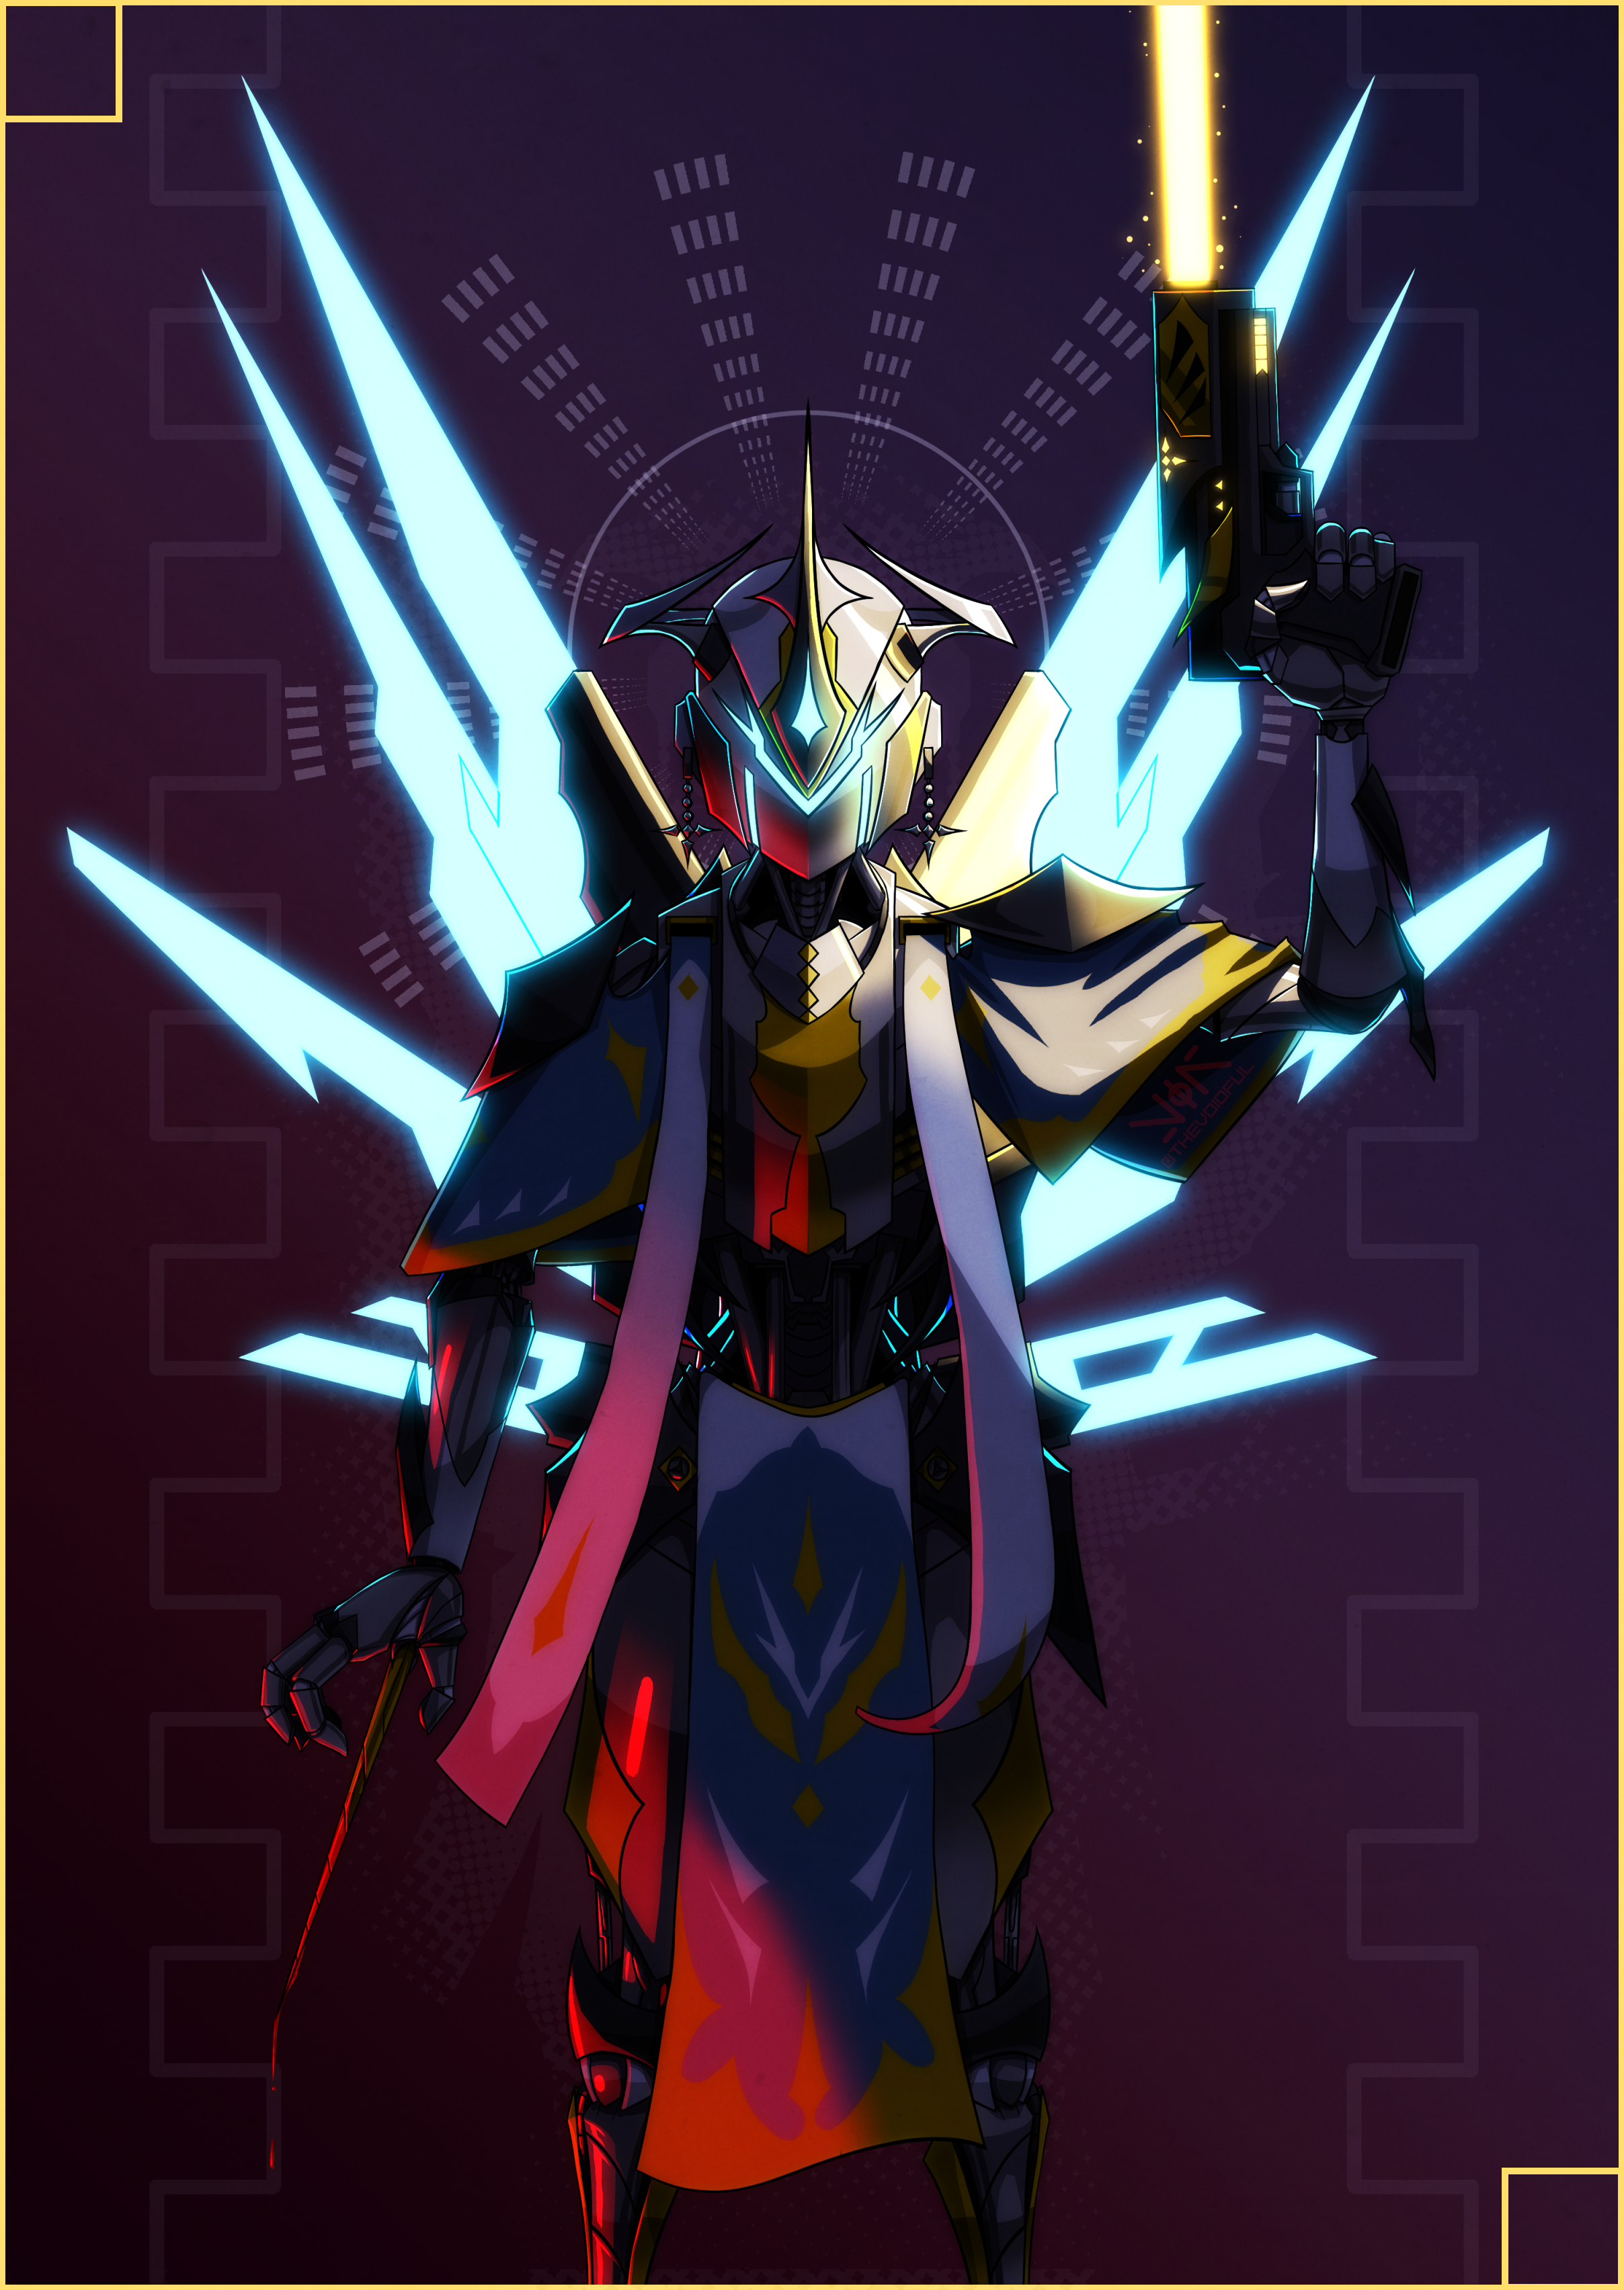 LASER ANGEL